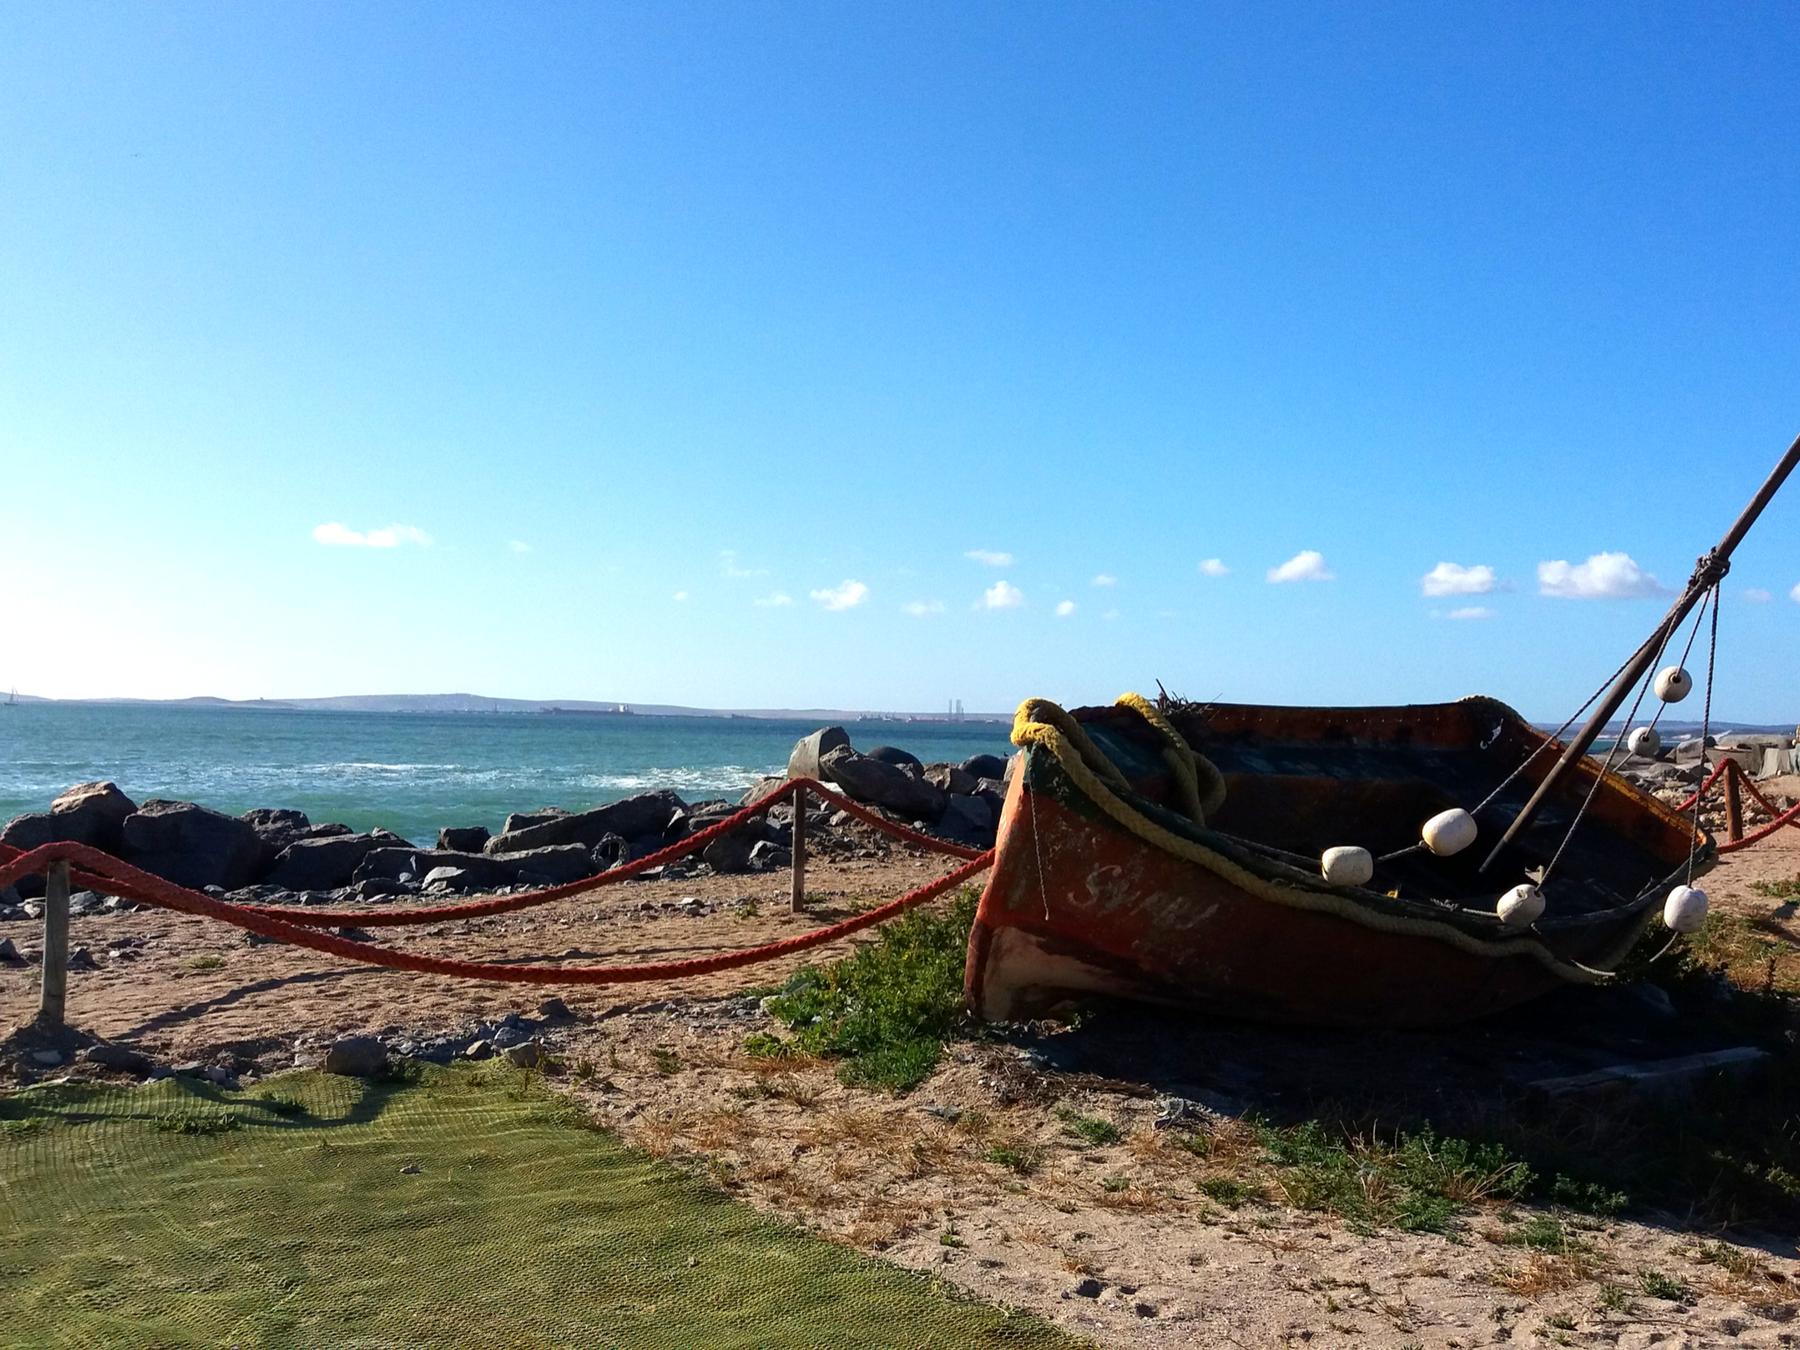 Roteiro-Cidade-do-Cabo-4-a-7-dias-die-strandloper-entrada Roteiro Cidade do Cabo 4 a 7 dias (Sensacional)!